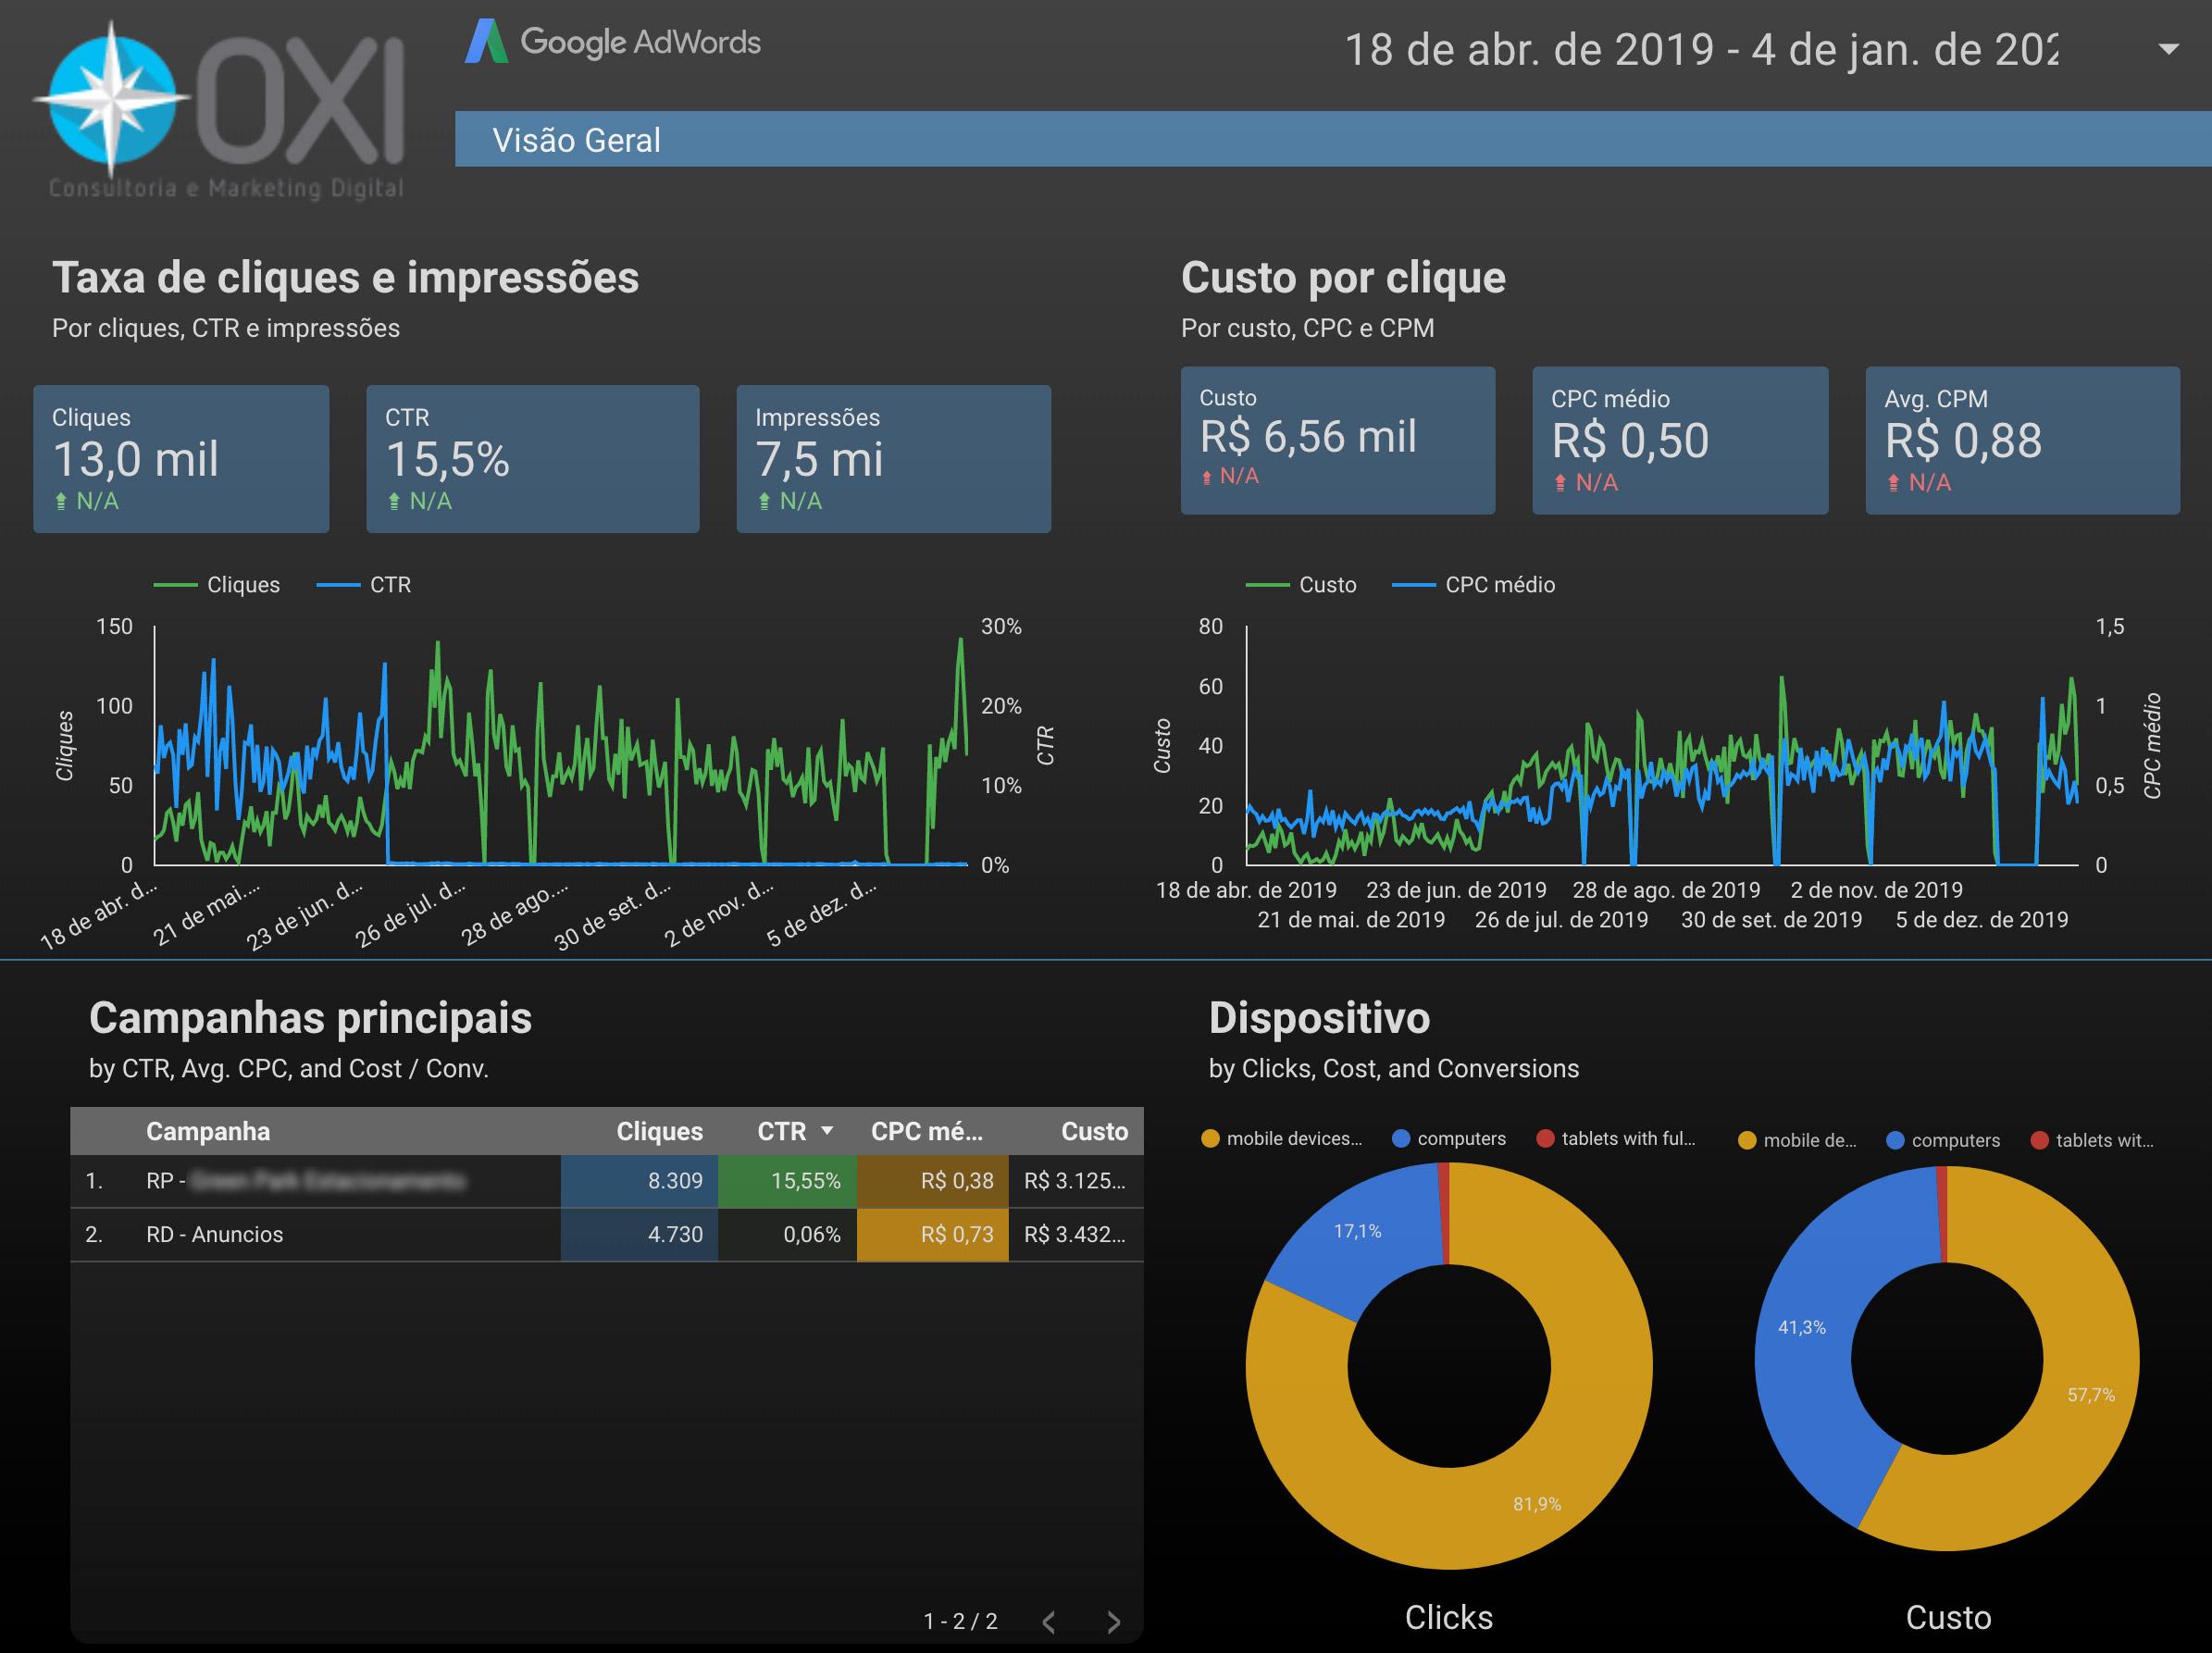 Campanhas de Google e anuncios da Oxi Marketing Digital em Londrina